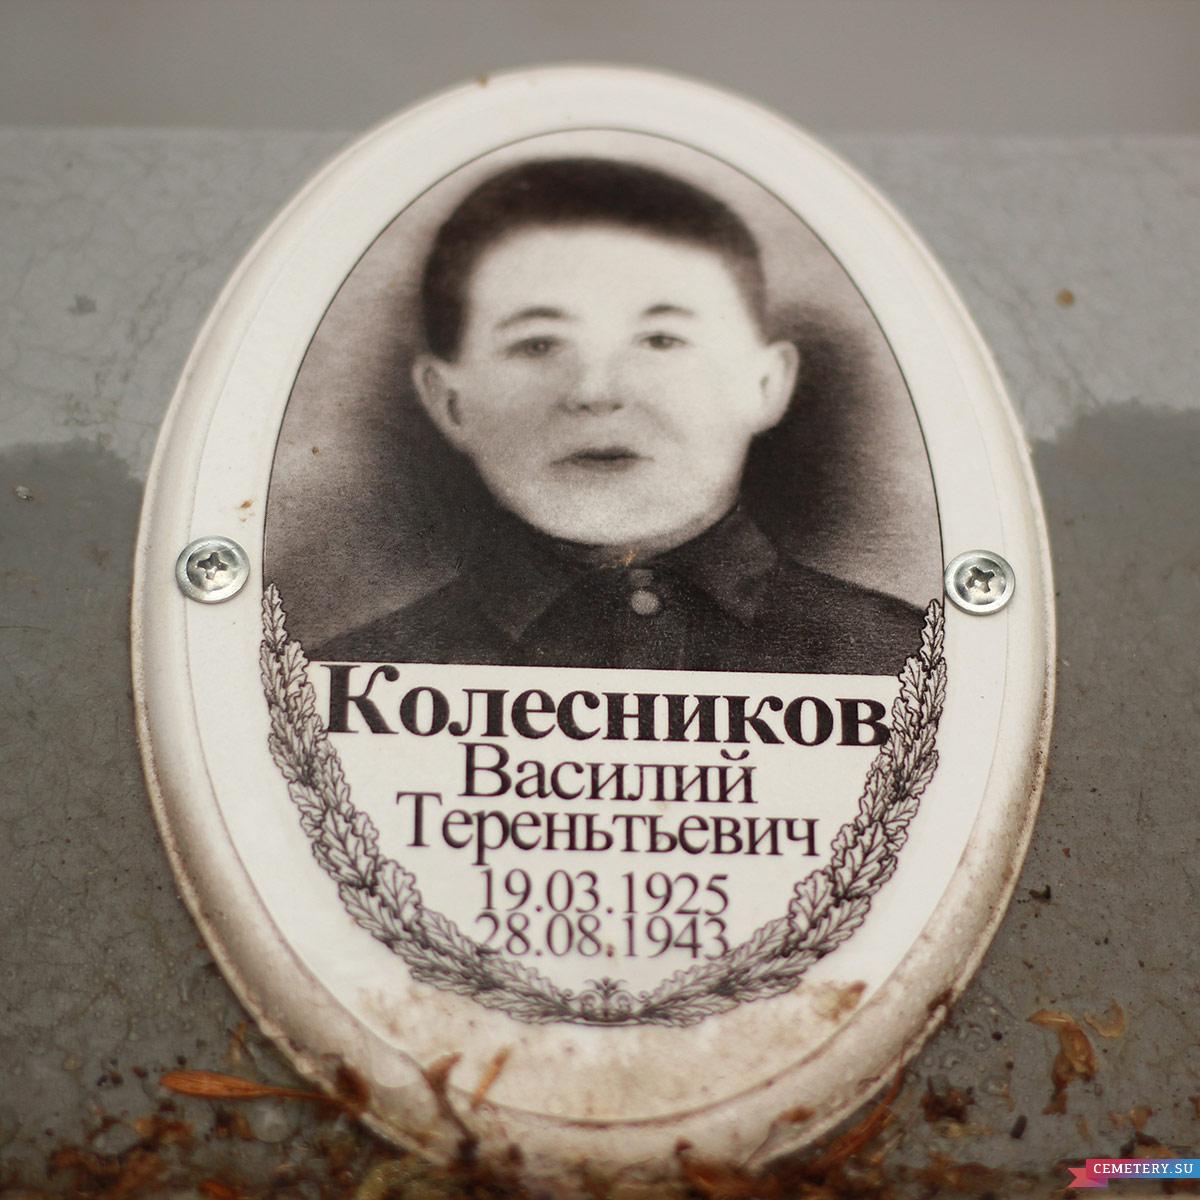 Старое кладбище Таганрога: Колесников Василий Терентьевич